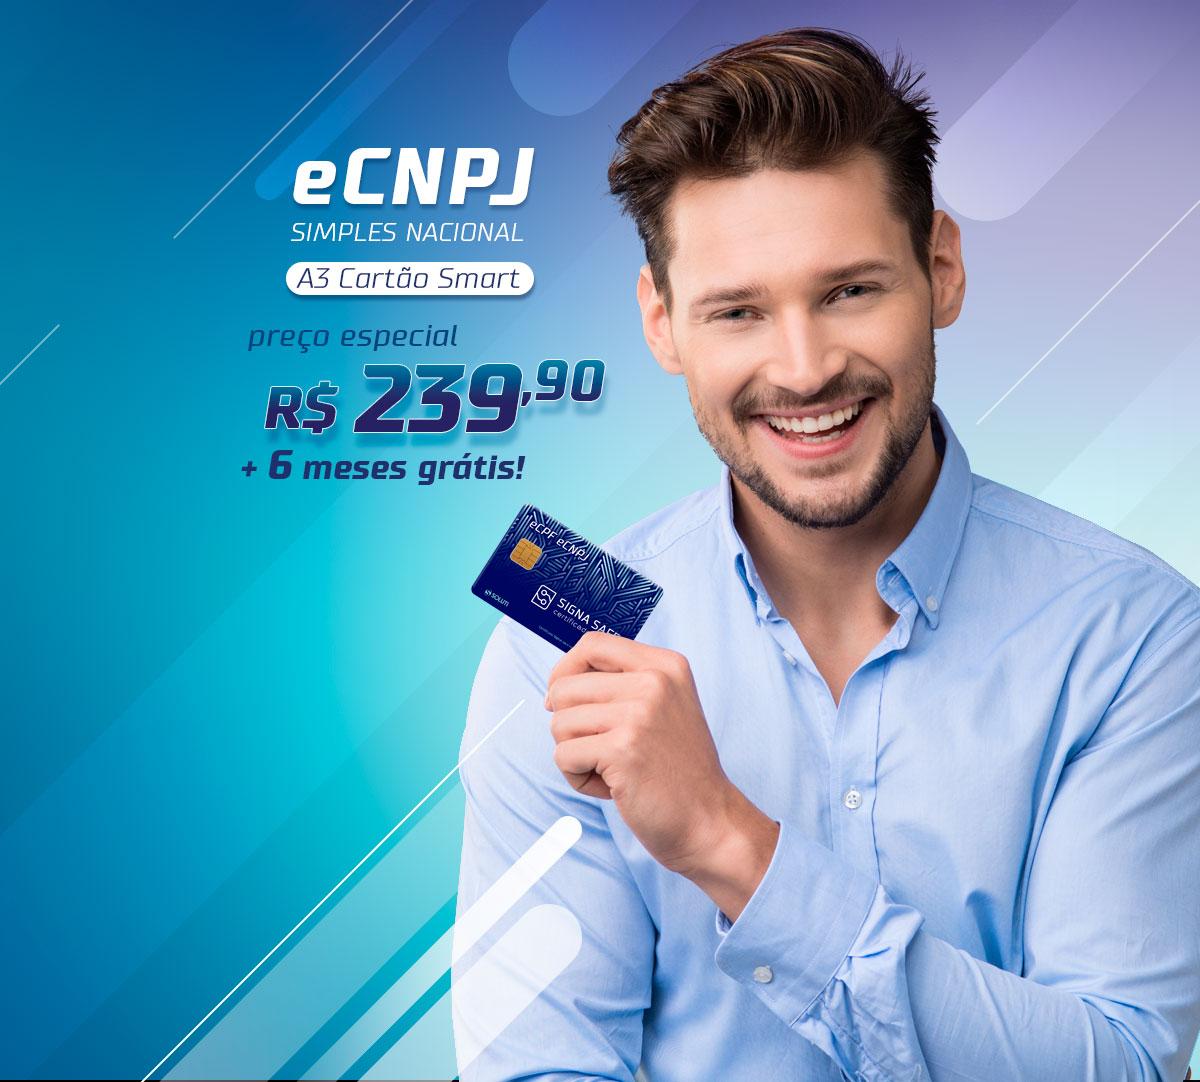 Promoção Certificado Digital para CNPJ Simples Nacional R$239,90 18 meses